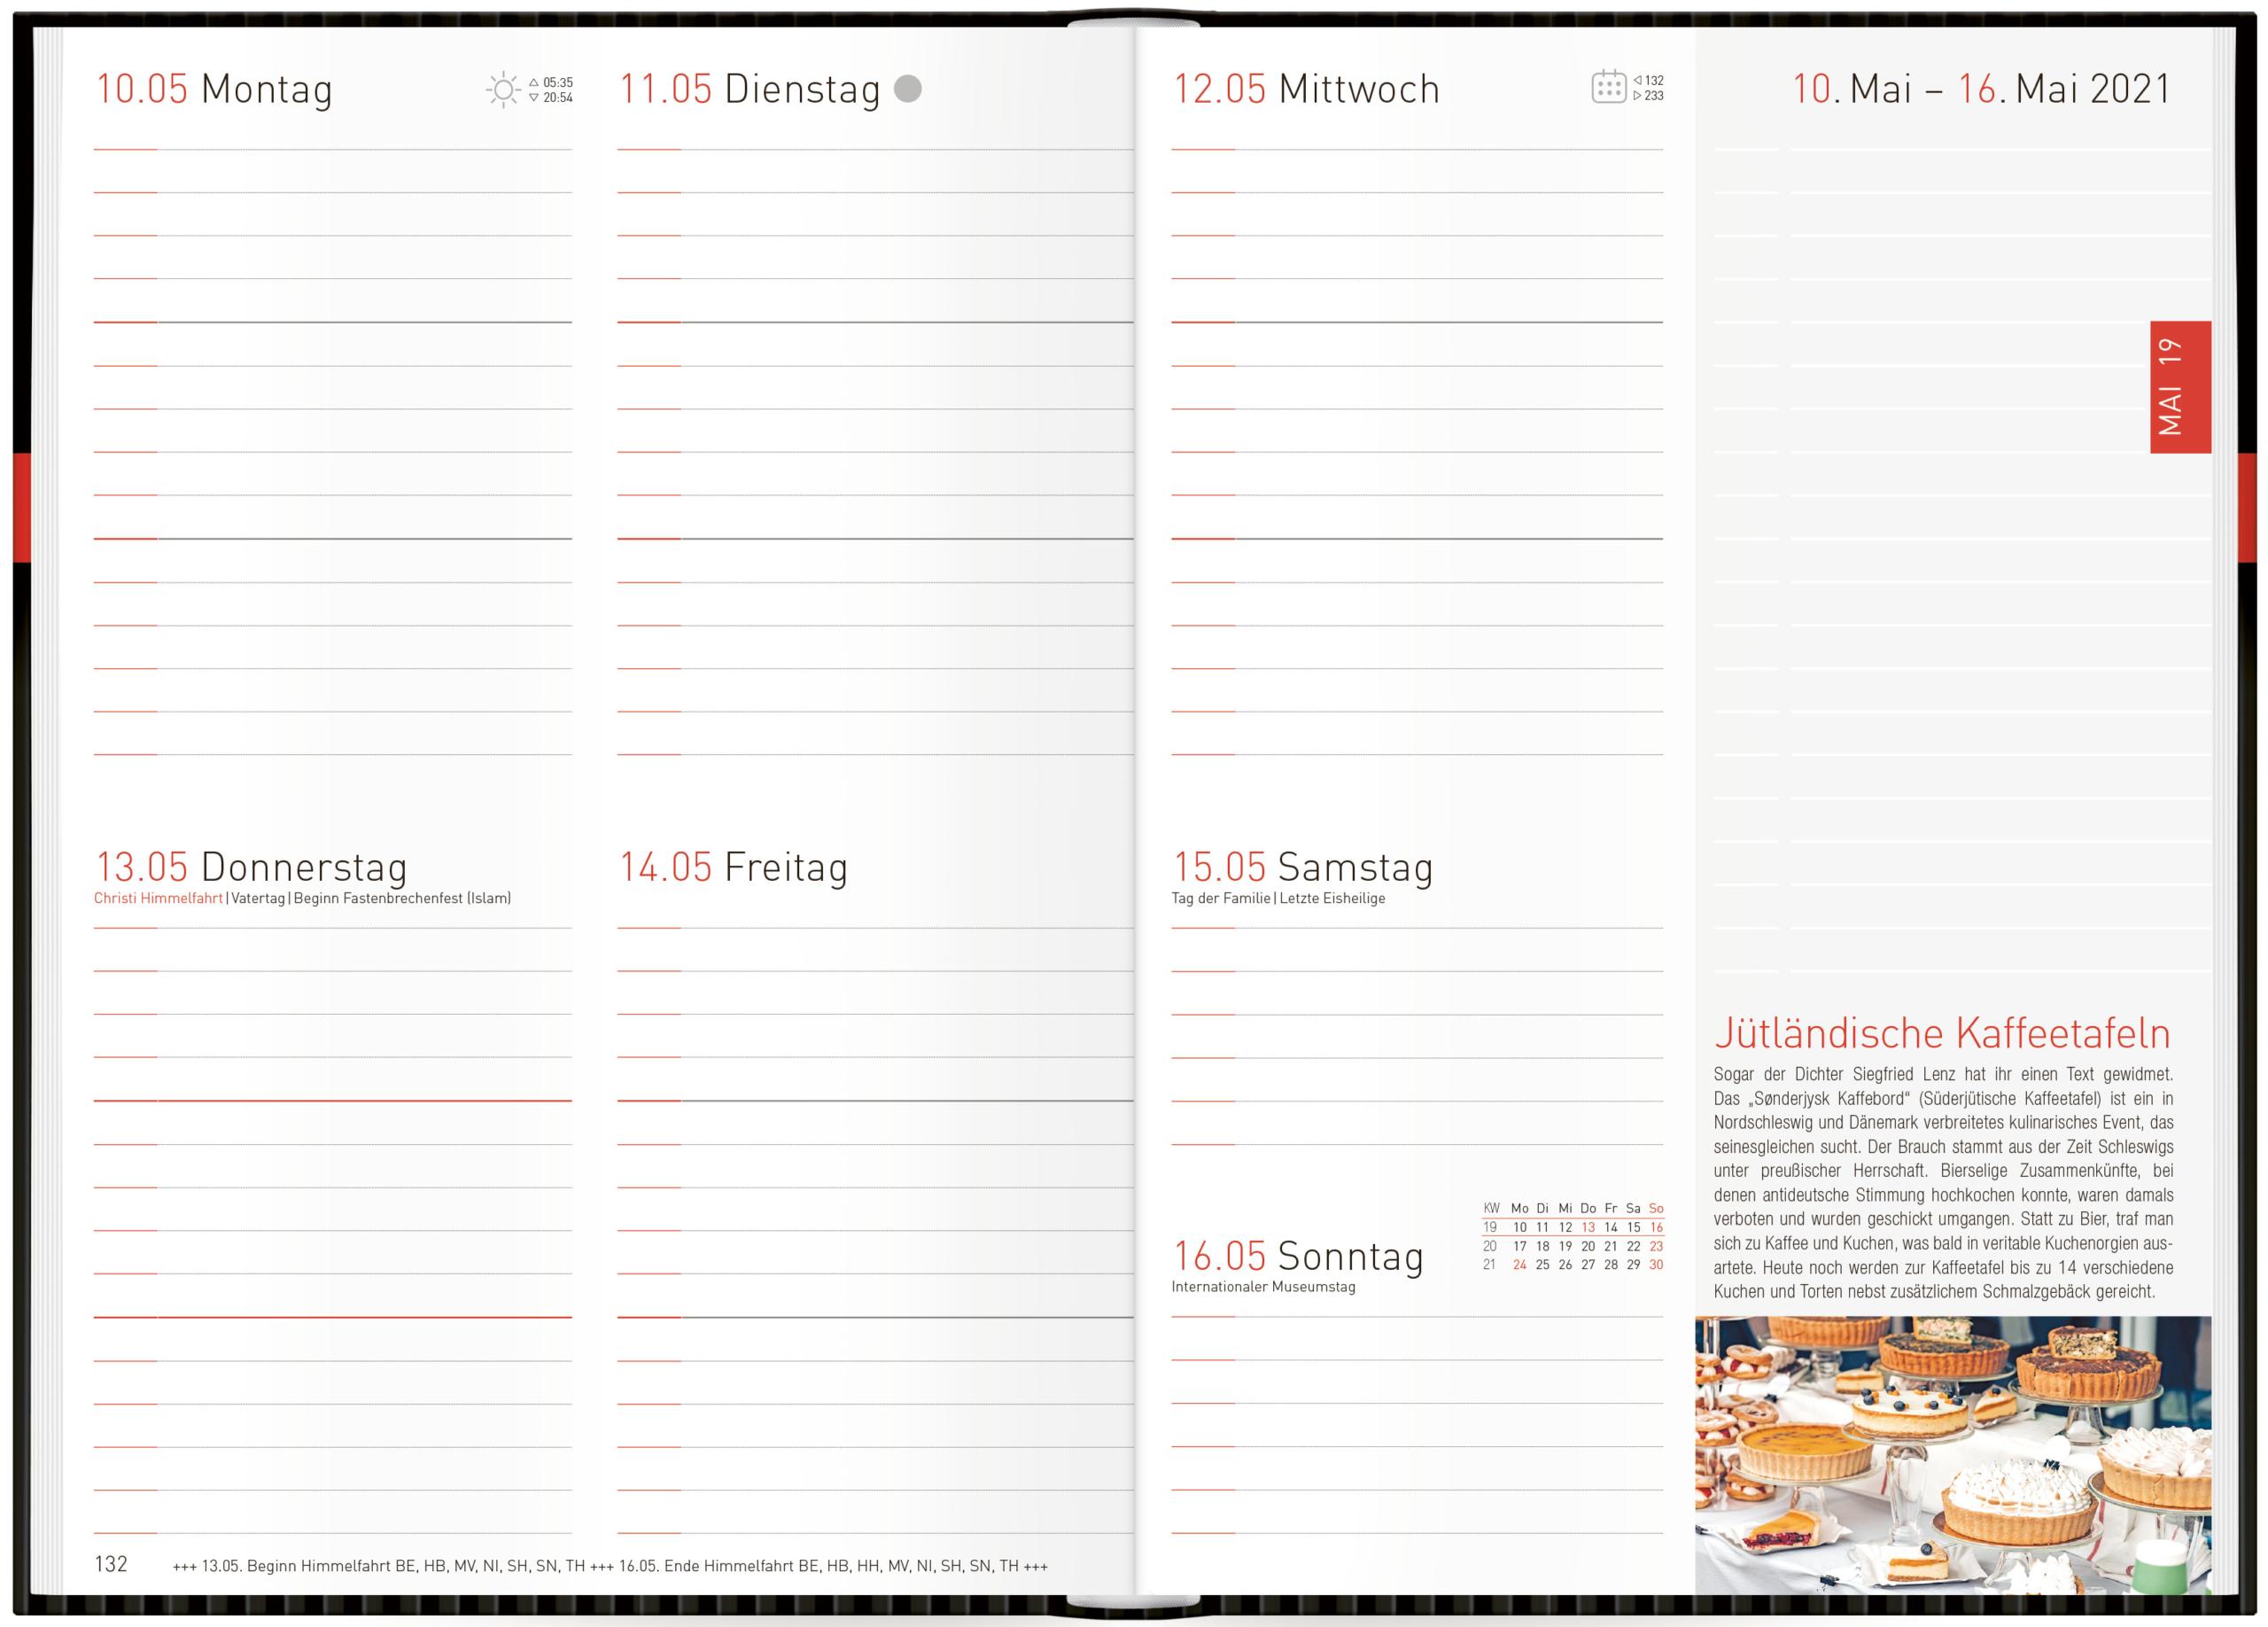 Terminkalender mit Wochenplaner Terminplaner 18 Monate: Juli 2019 bis Dezember 2020 Organizer lalala Ch/äff-Timer Mini A6 Kalender 2019//2020 Wochenkalender Top organisiert durchs Jahr!